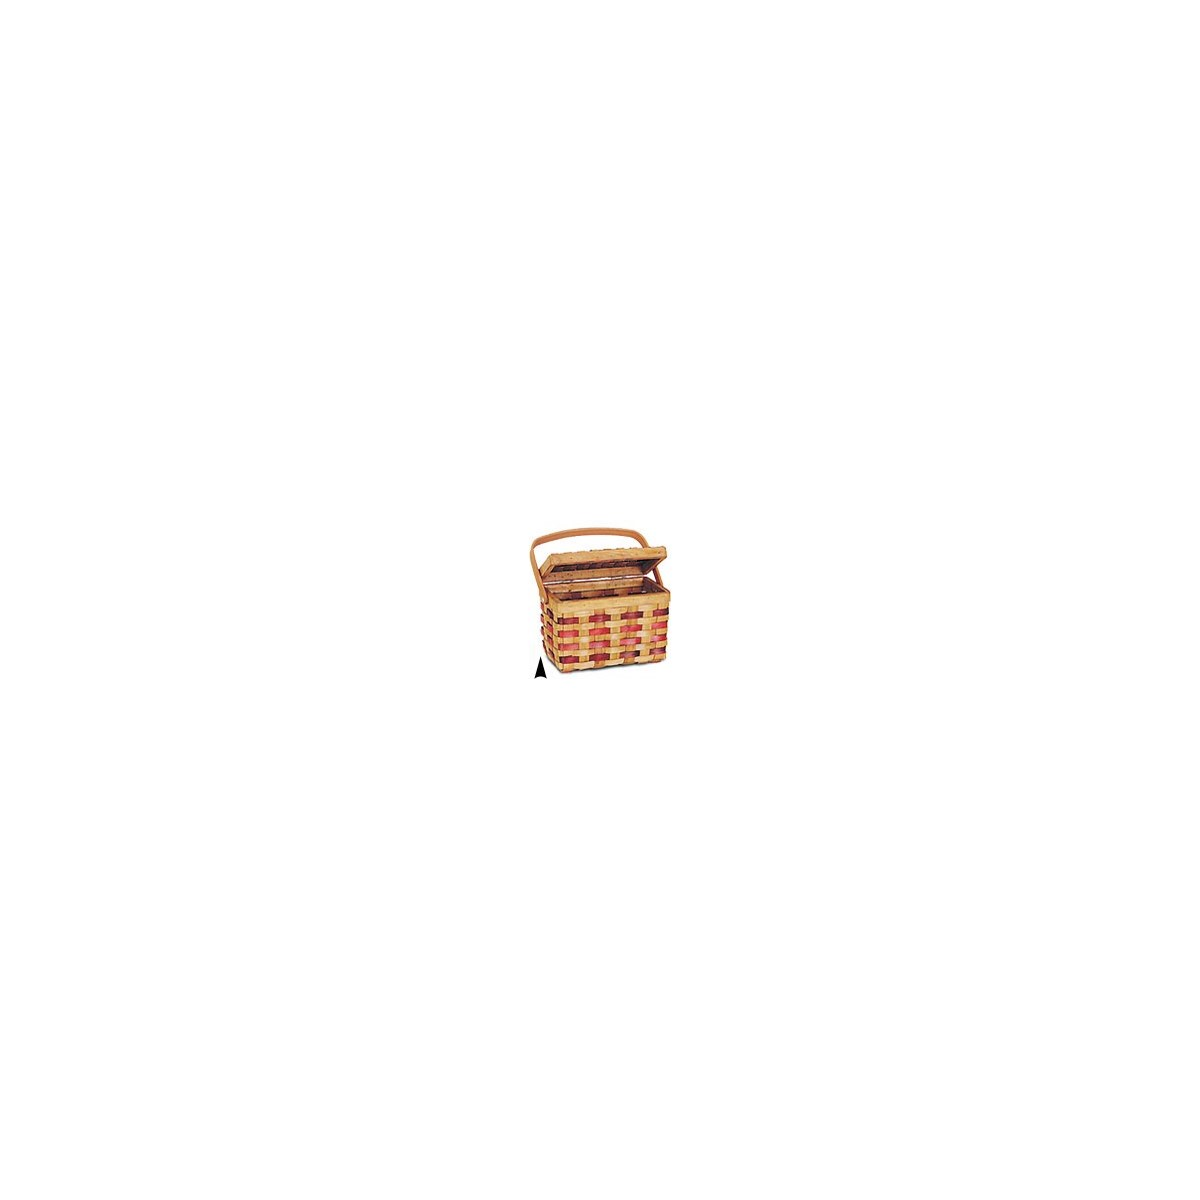 5/425 WOOD PICNIC BASKET W/BURGANDY STRIPES CS. PK.: 24